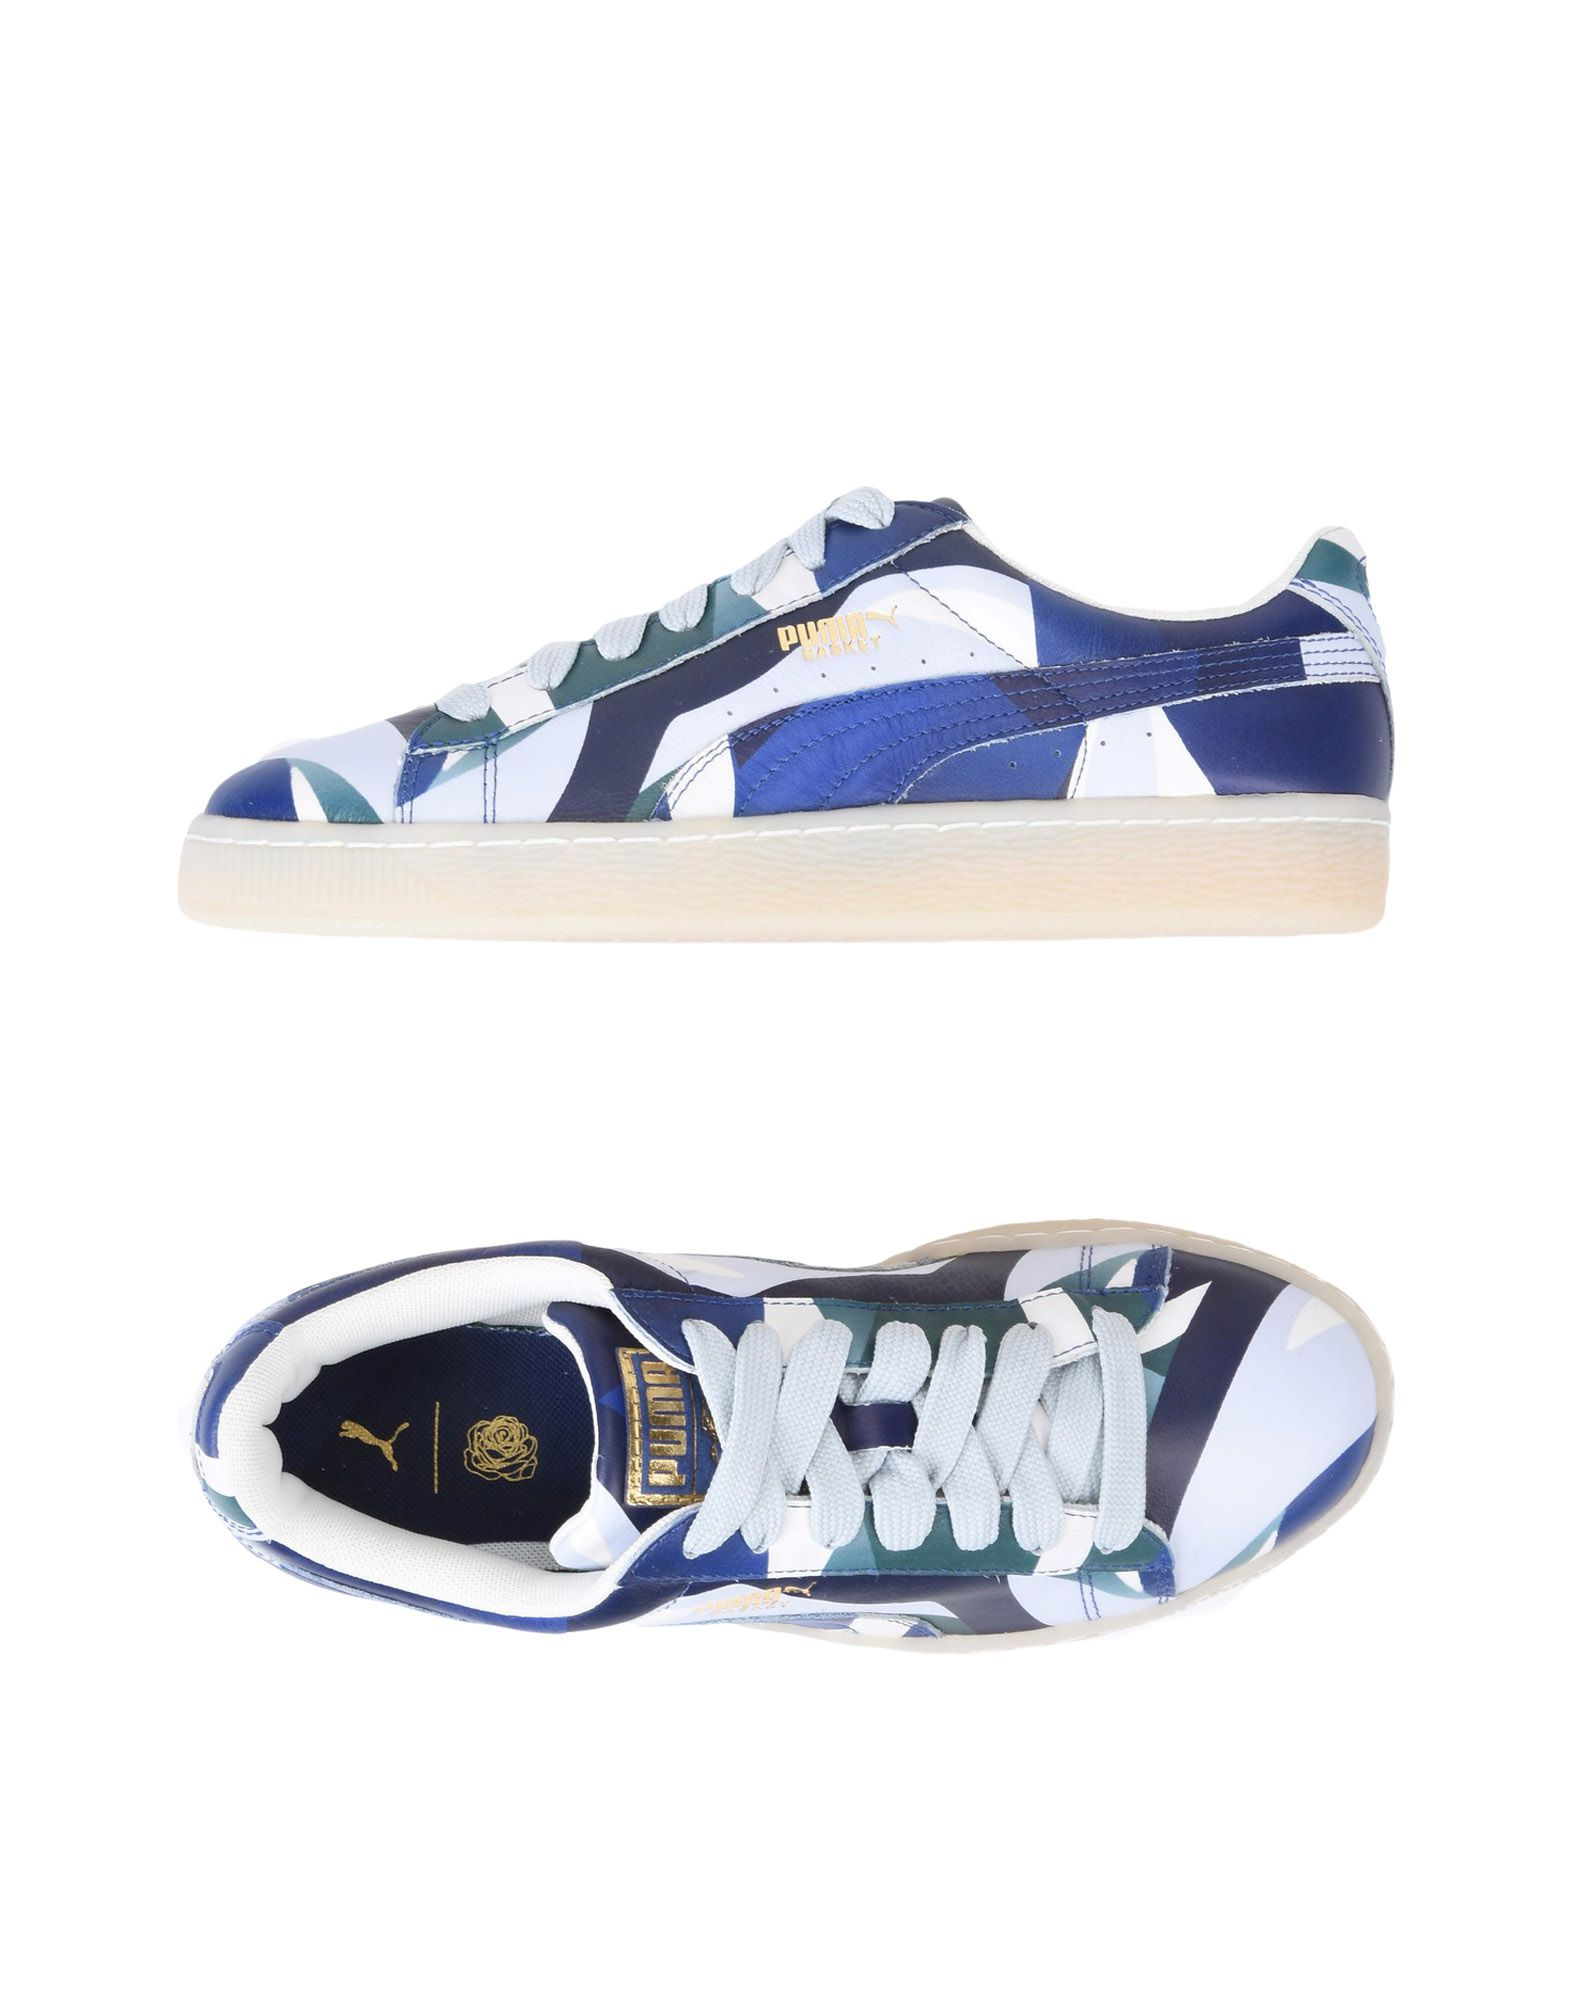 Puma X Careaux  Basketgraphic  11257827UN 11257827UN 11257827UN Neue Schuhe 8d1408